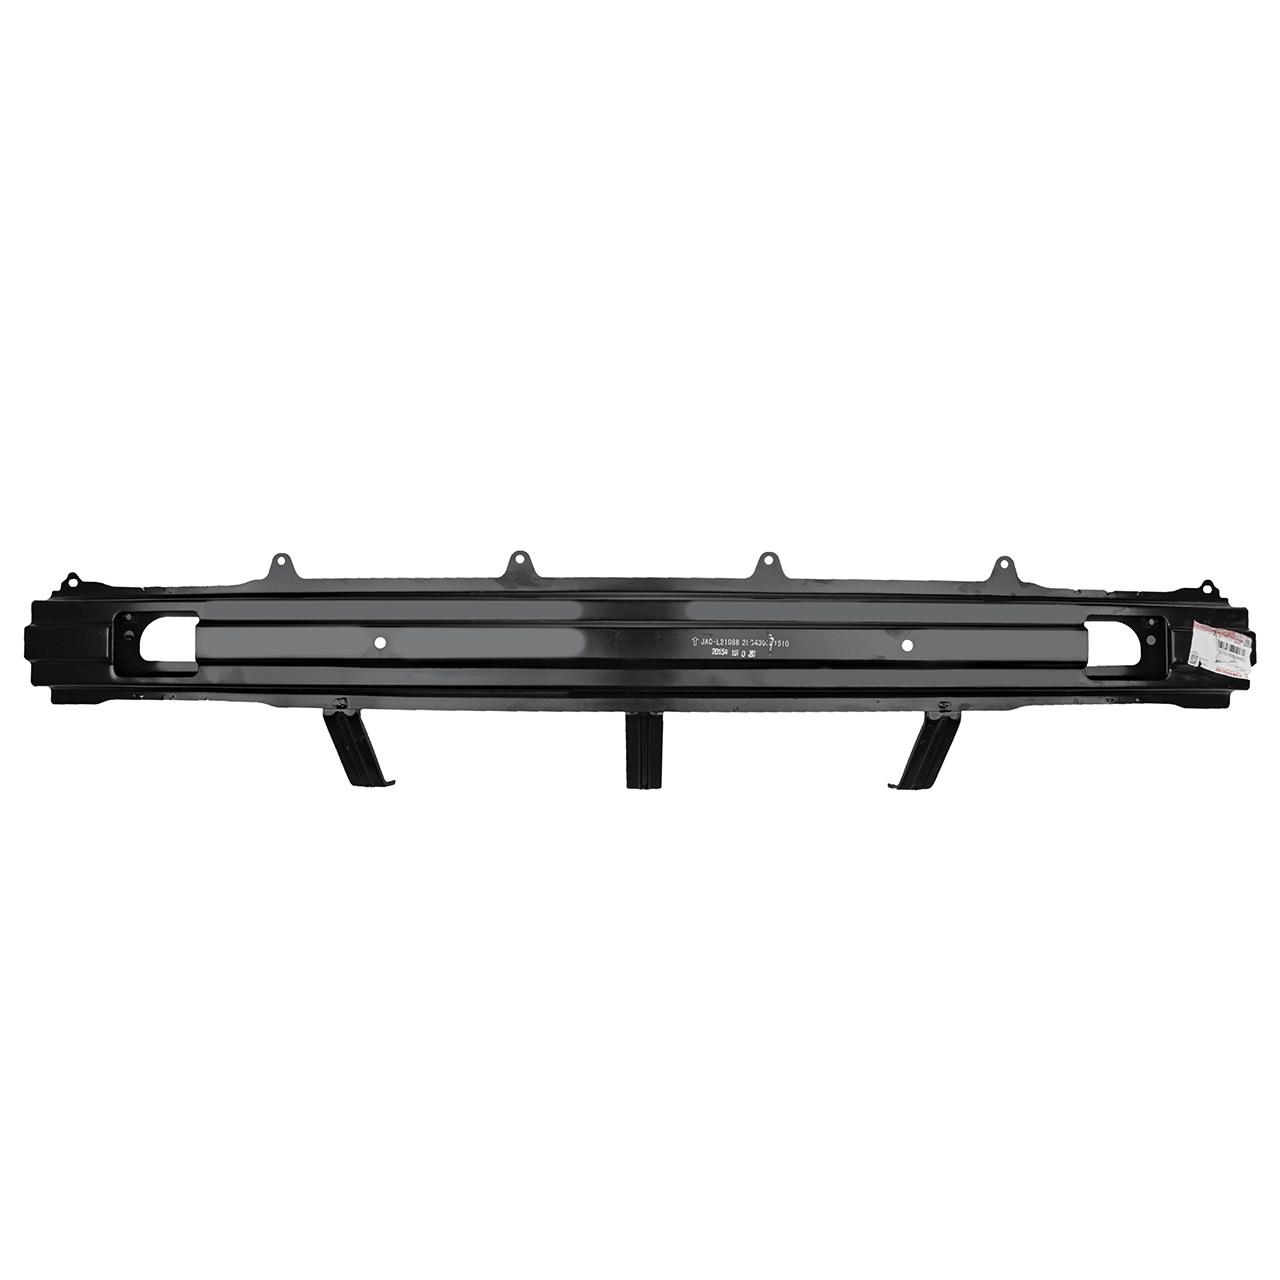 دیاق سپر عقب مدل 2804300U1510 مناسب برای خودروهای جک